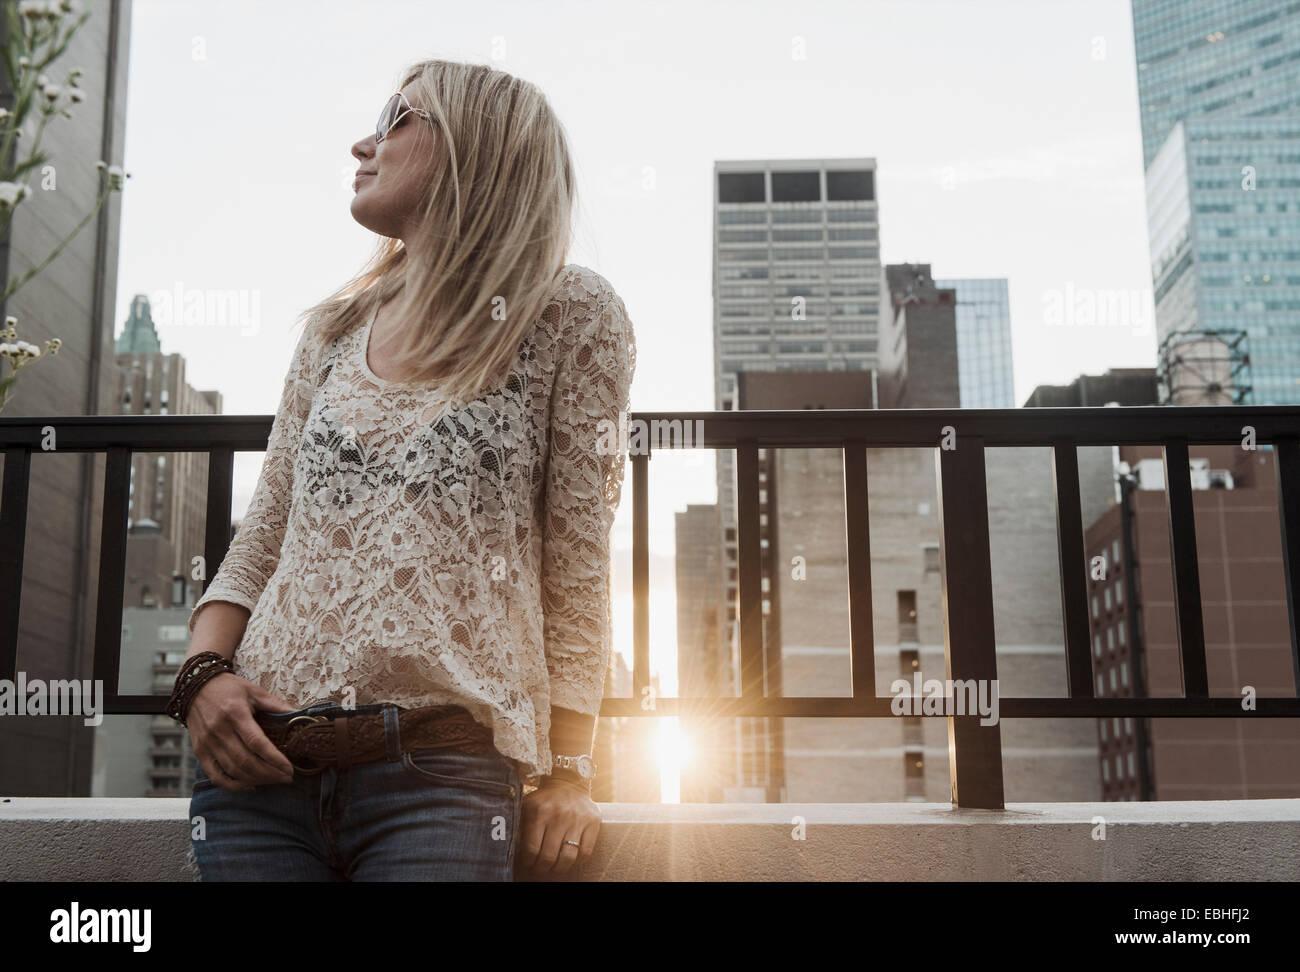 Mujer joven en busca de distancia con la ciudad de fondo Imagen De Stock